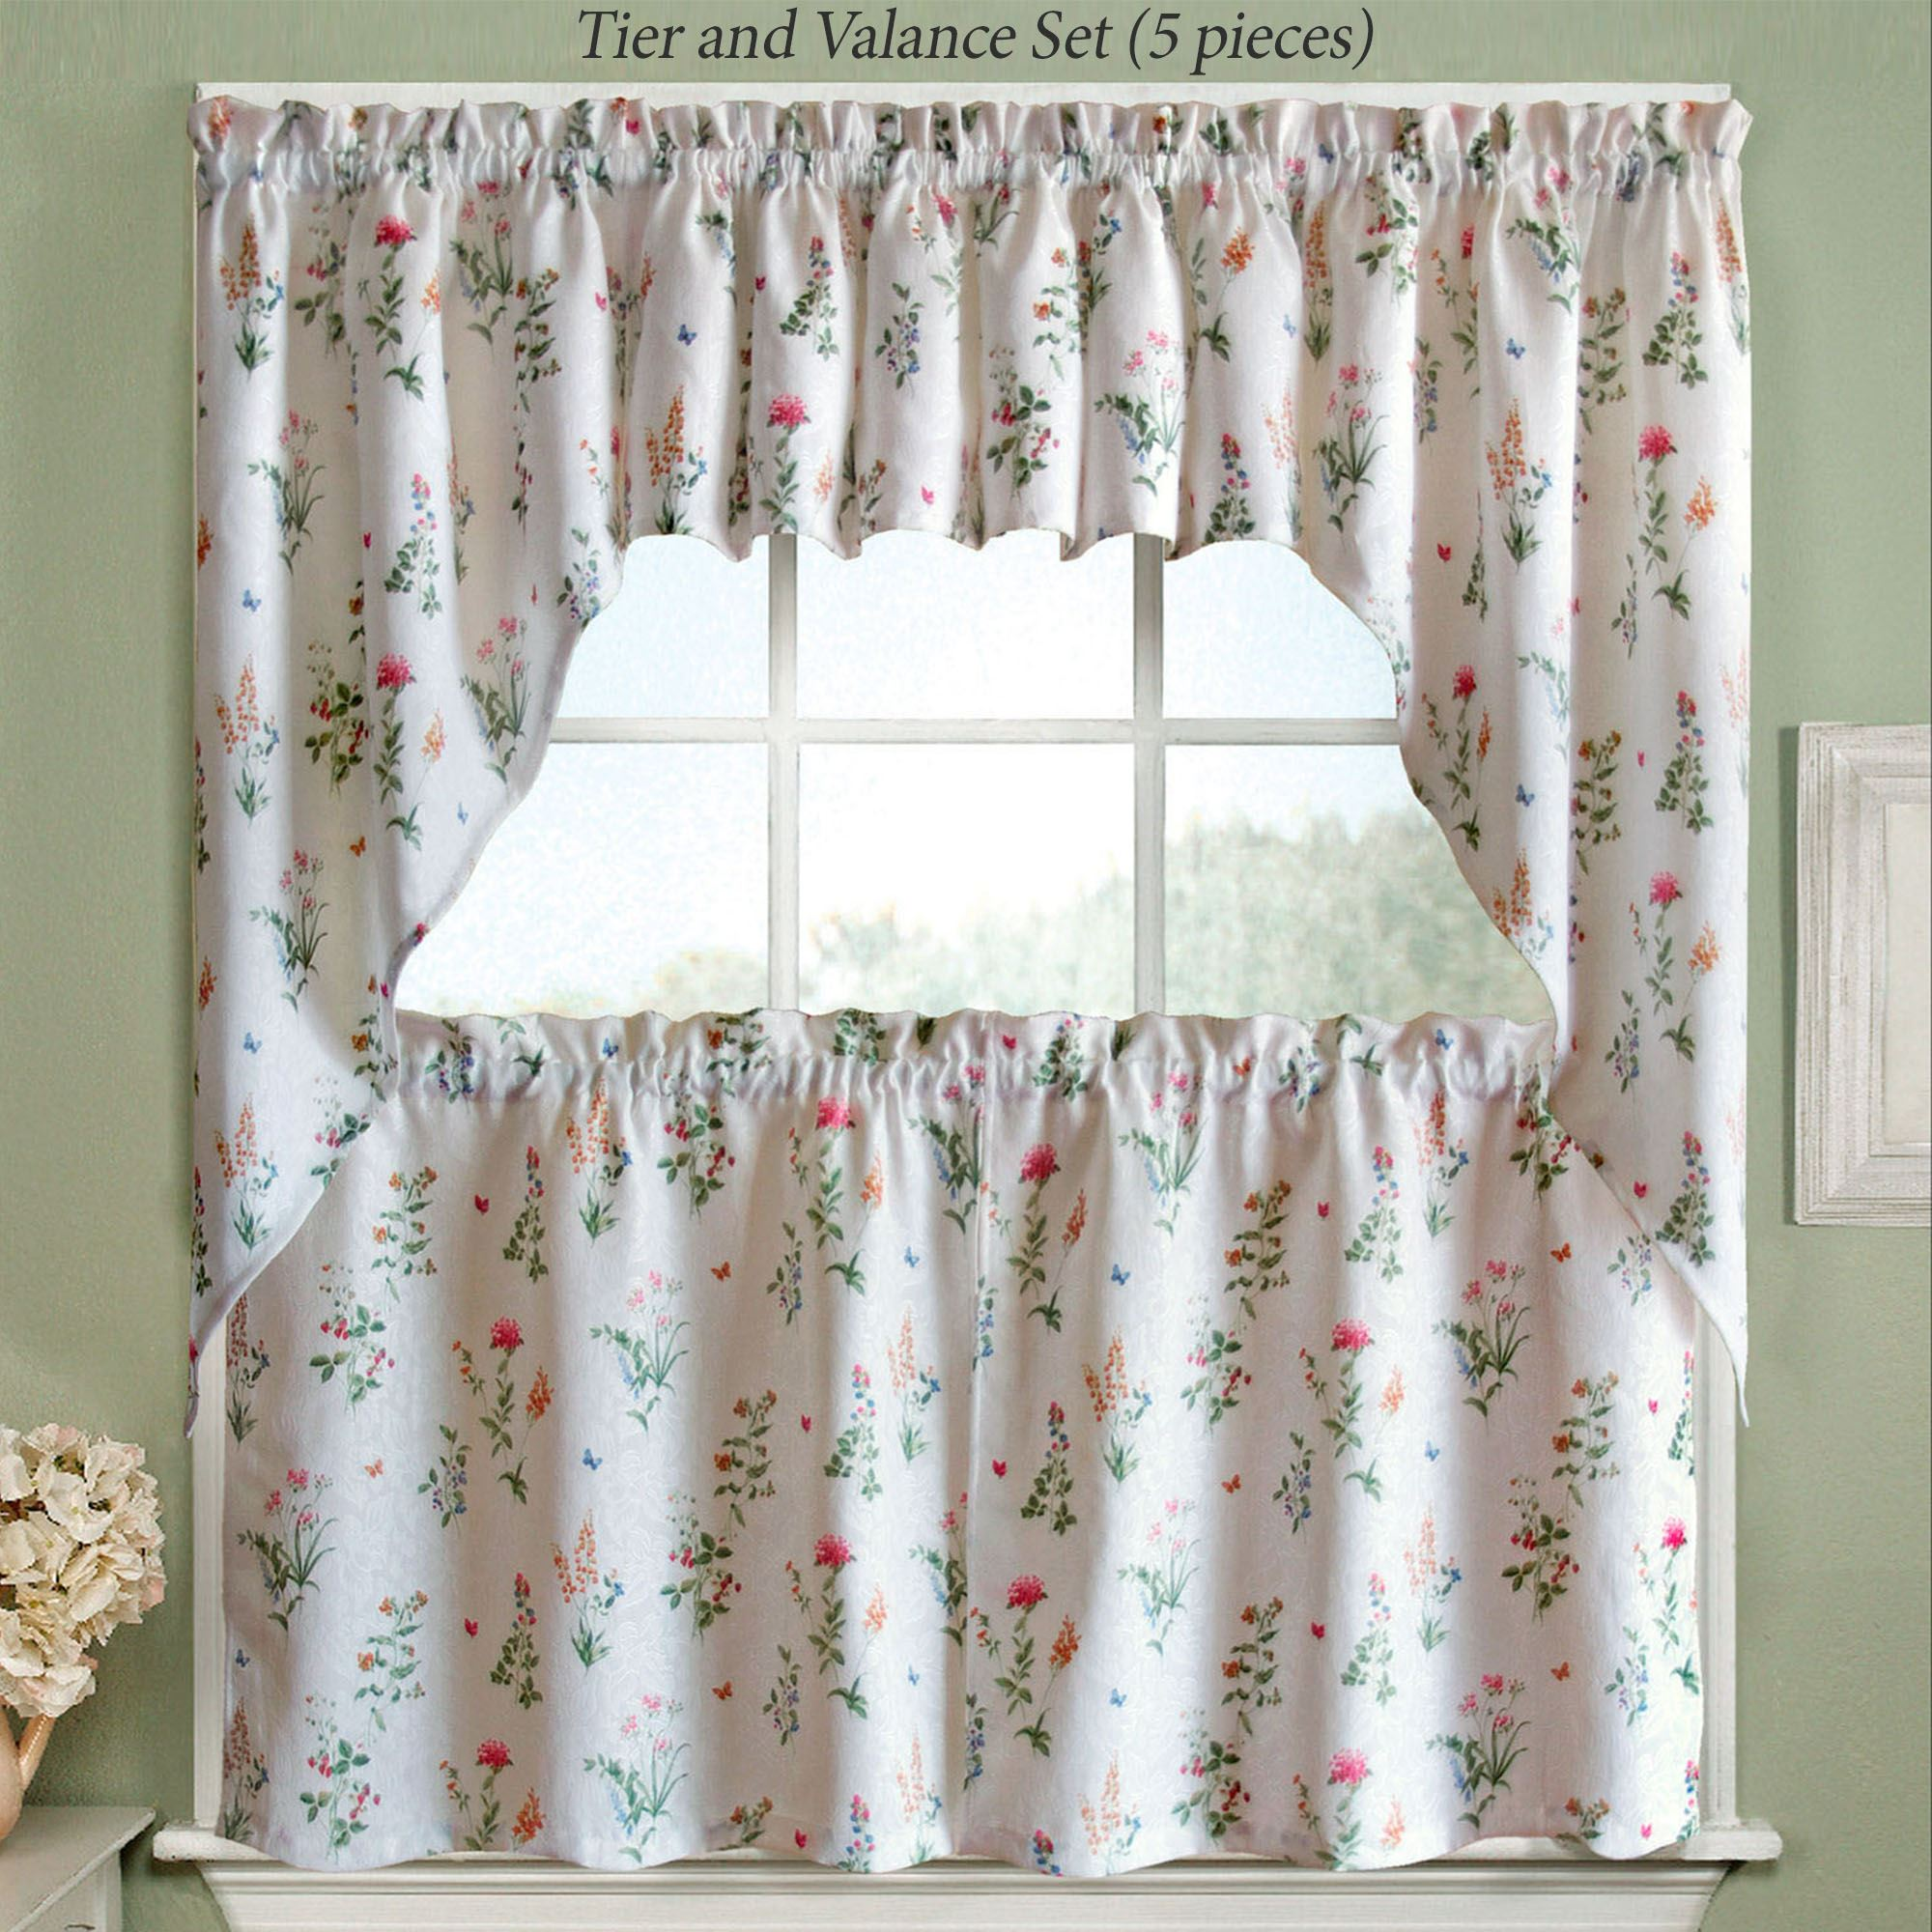 butterfly garden tier window treatments